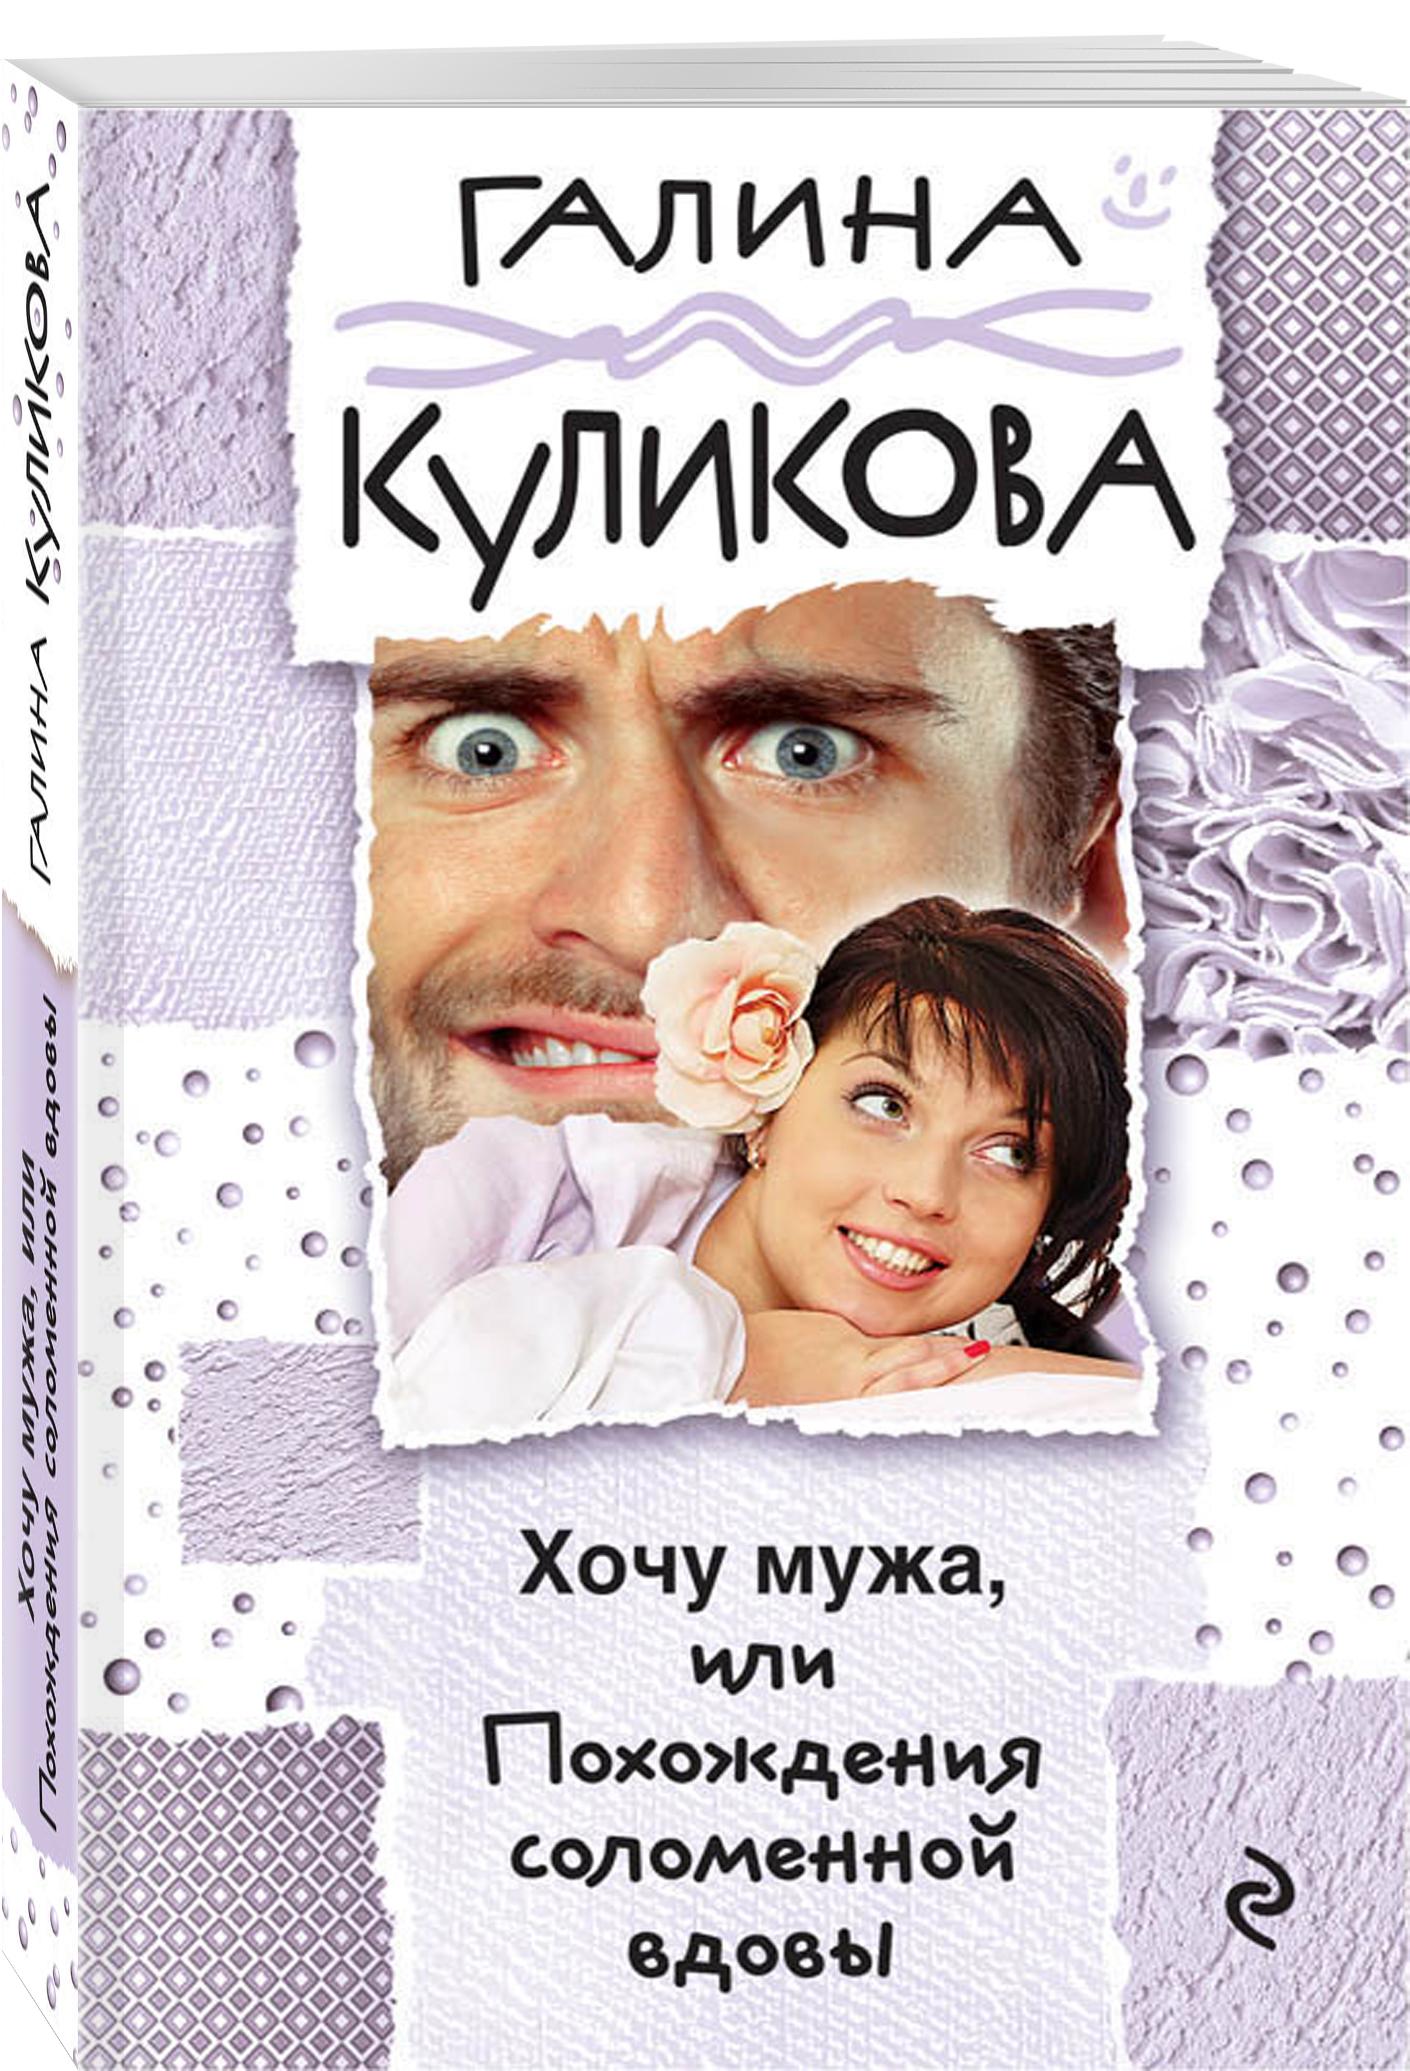 Куликова Г.М. Хочу мужа, или Похождения соломенной вдовы ISBN: 978-5-699-97157-2 галина куликова хочу мужа или похождения соломенной вдовы